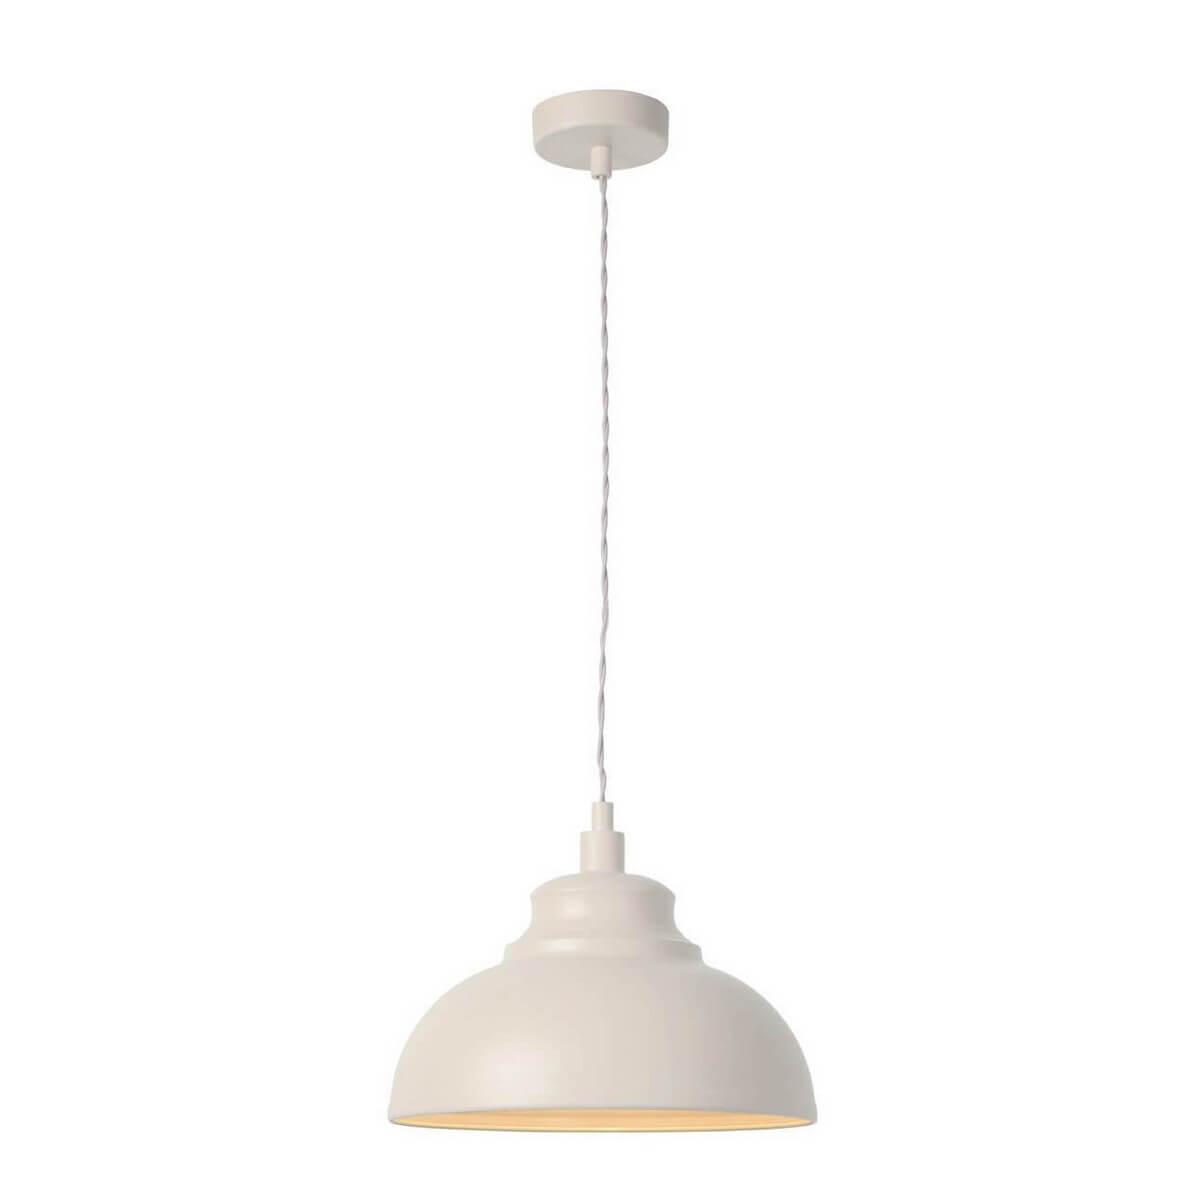 Подвесной светильник Lucide Isla 34400/29/38 светильник lucide isla 34400 29 38